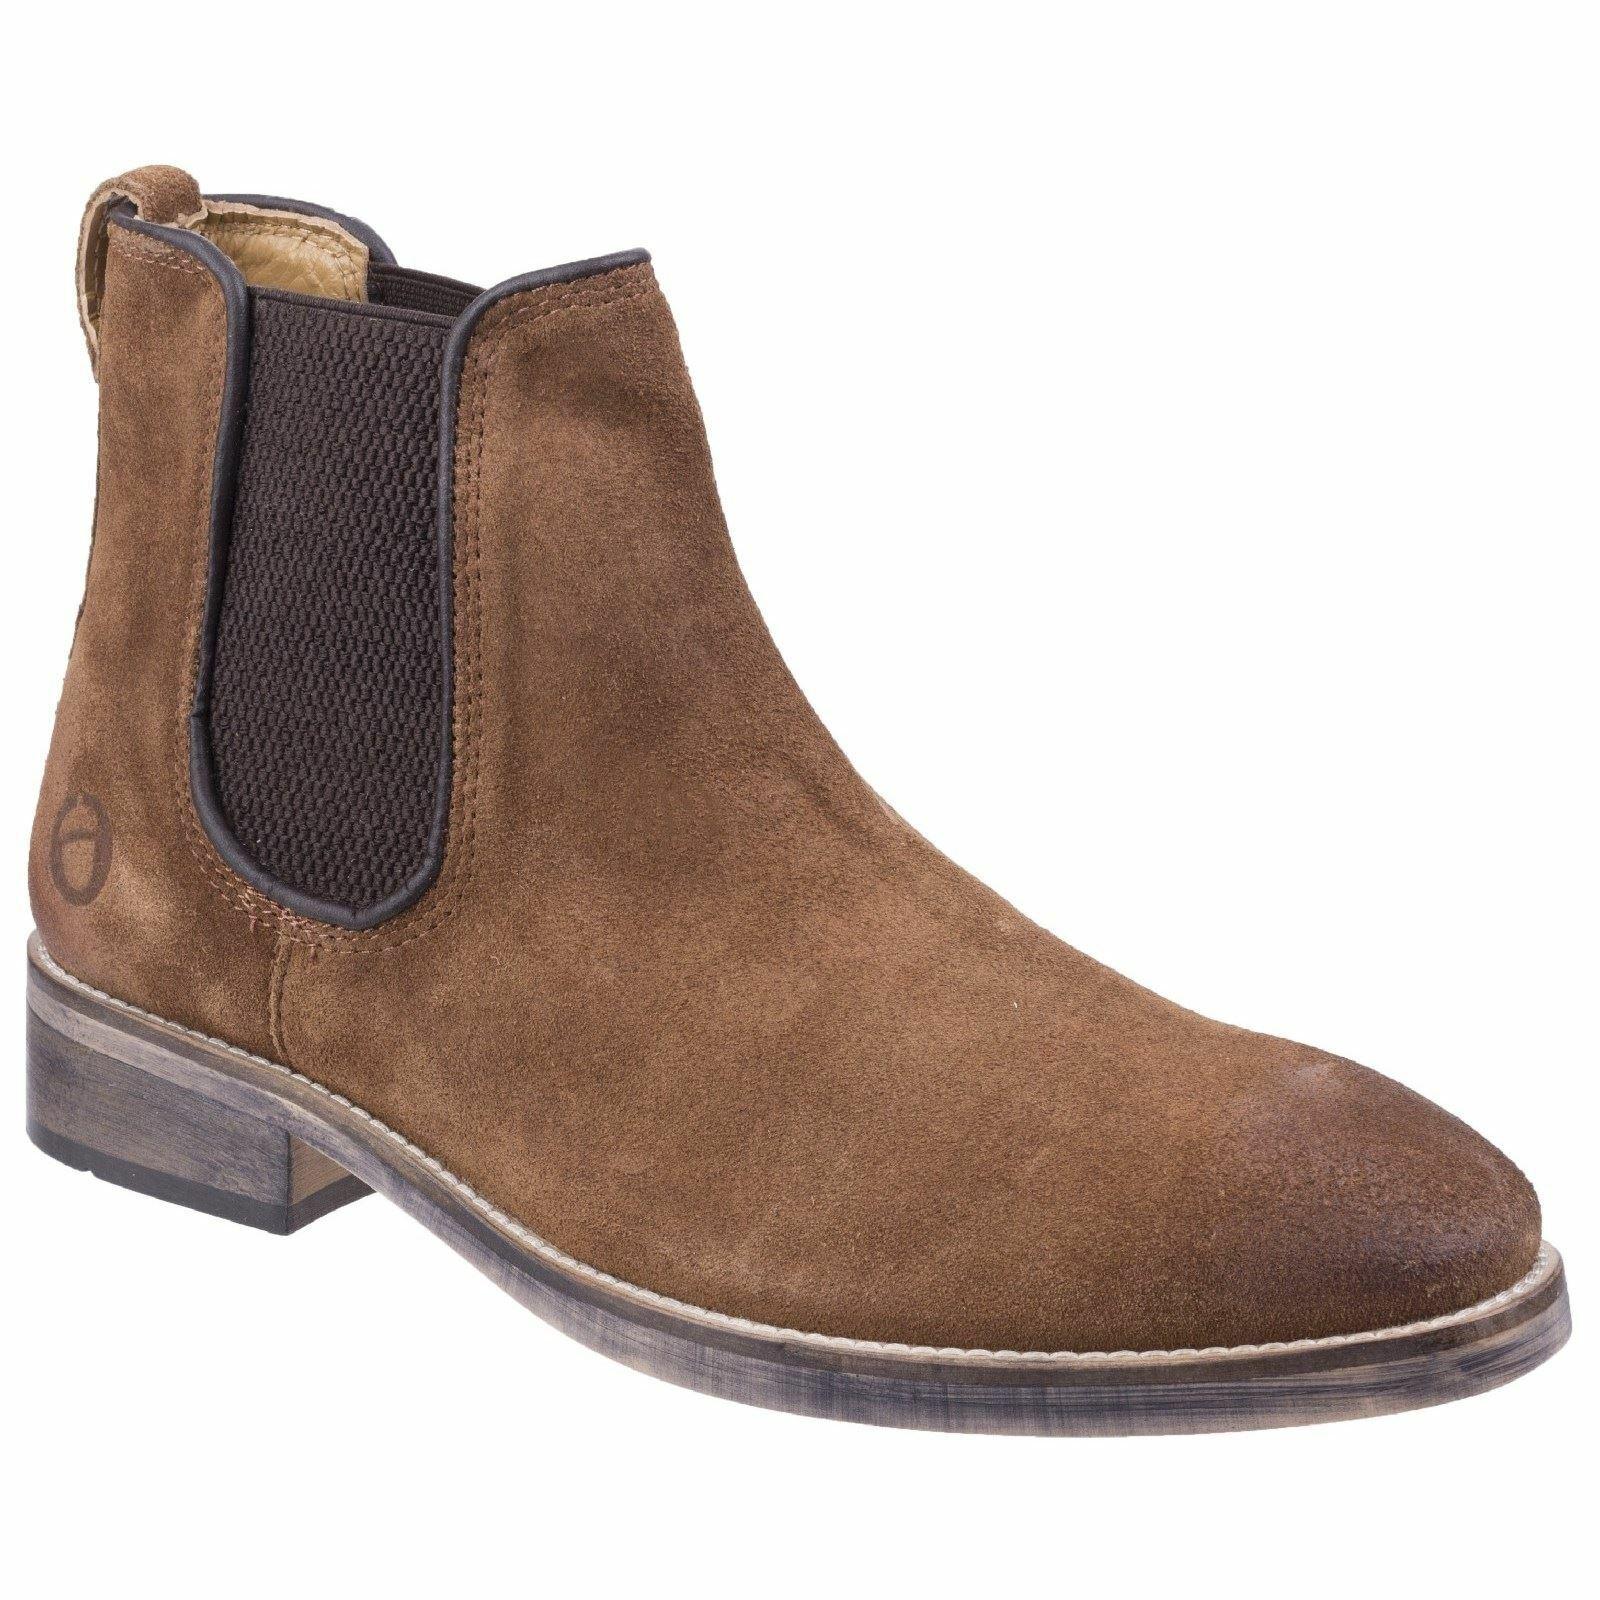 botas de cuero para hombre Cotswold Corsham Camel